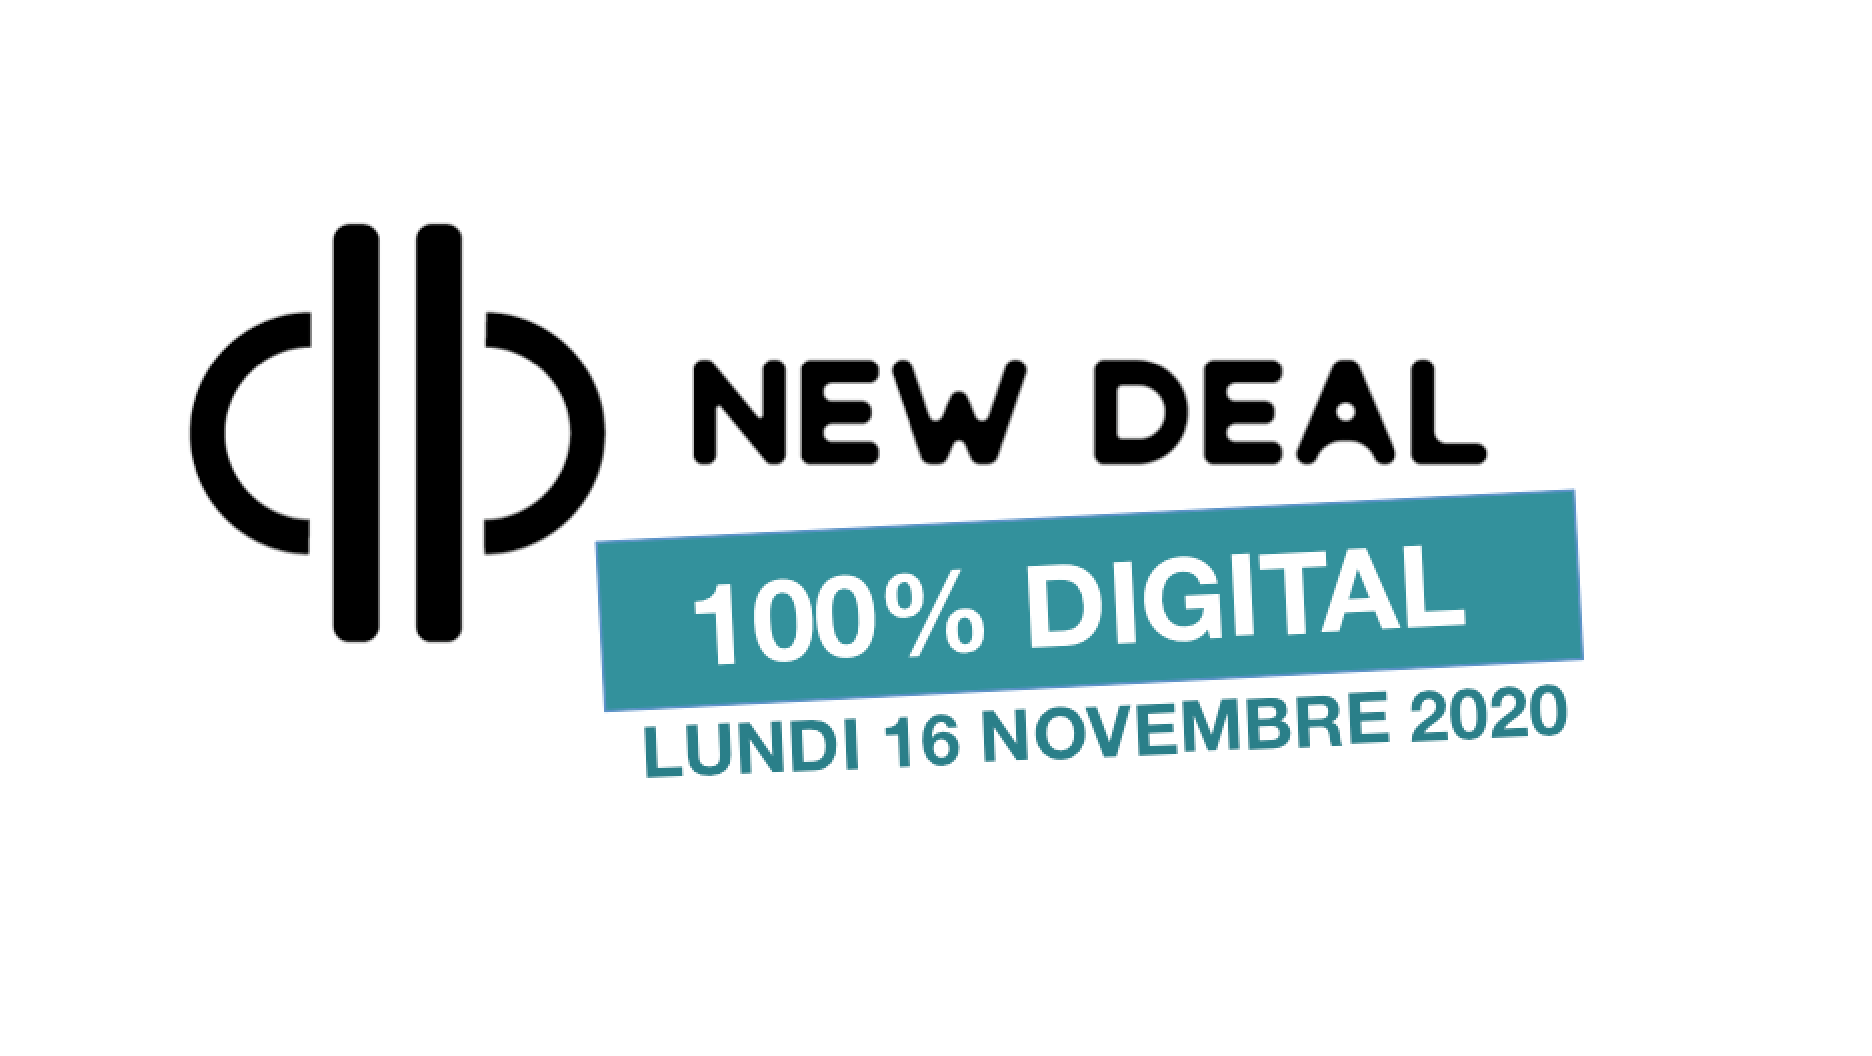 New Deal 2020, une édition 100% digitale le 16 novembre